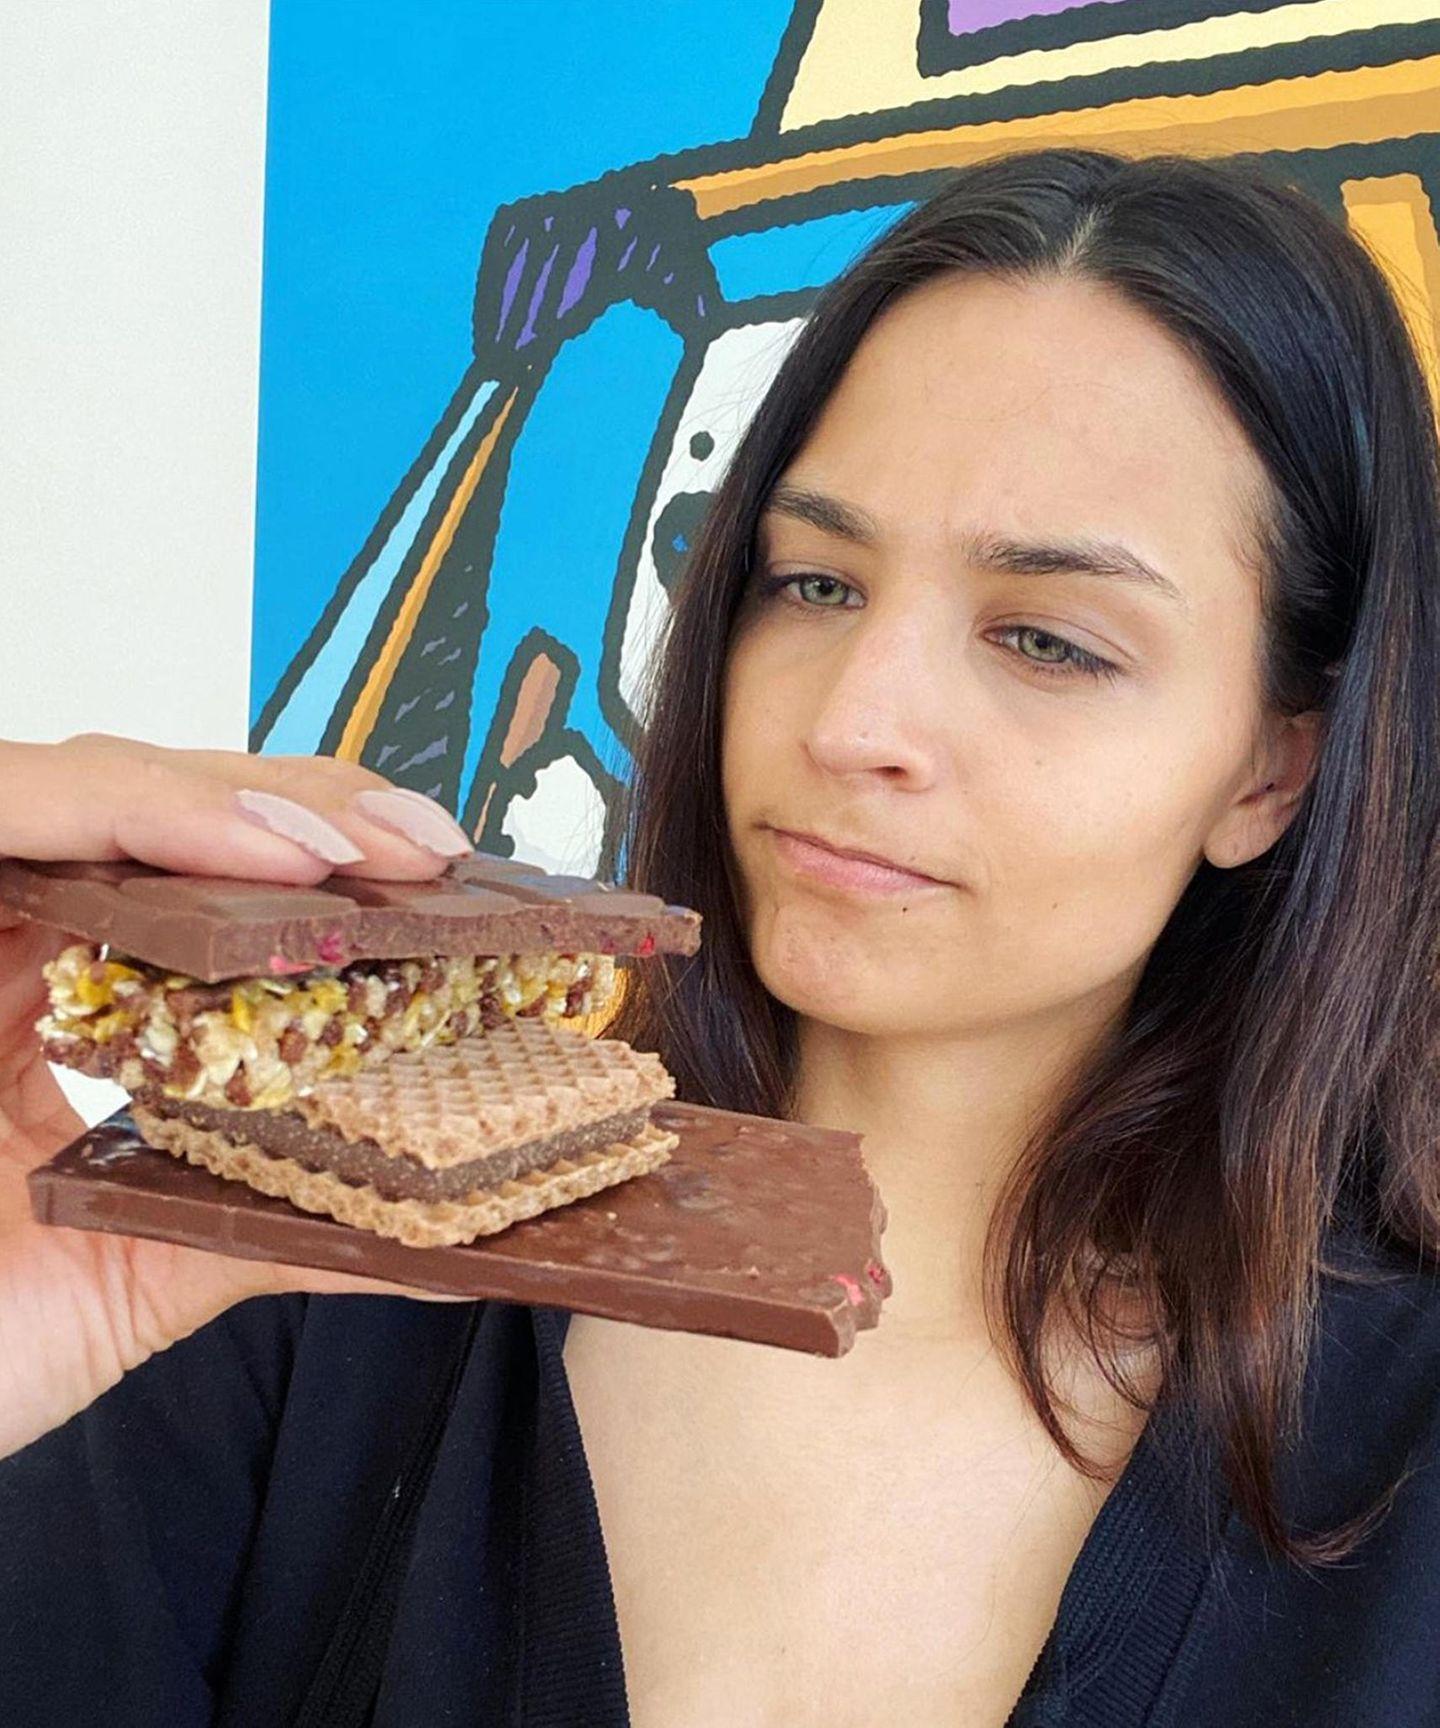 Amira Pocher hatnach ihrer Corona-Erkränkung endlich ihren Geschmackssinn wiedergefunden. Und der wird mit einer großen Portion Schokolade, Haselnusswaffeln und Müsliriegeln ausgetestet.